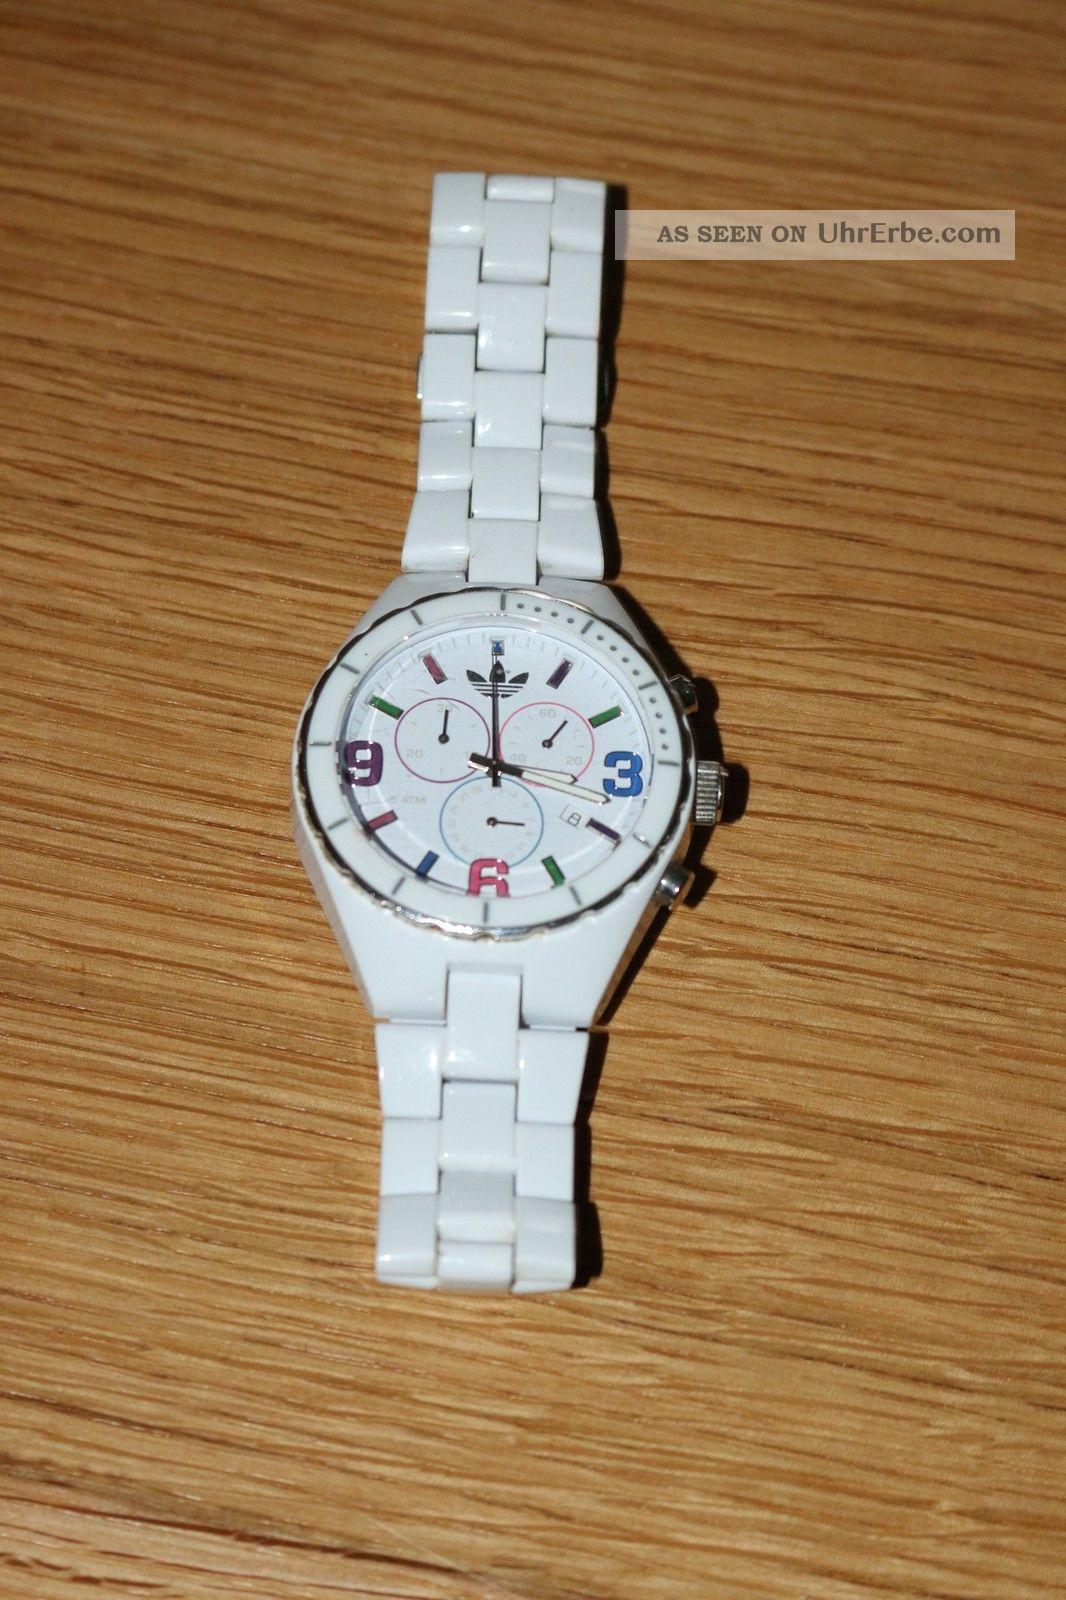 Adidas Uhr Adh2692 Armbanduhren Bild